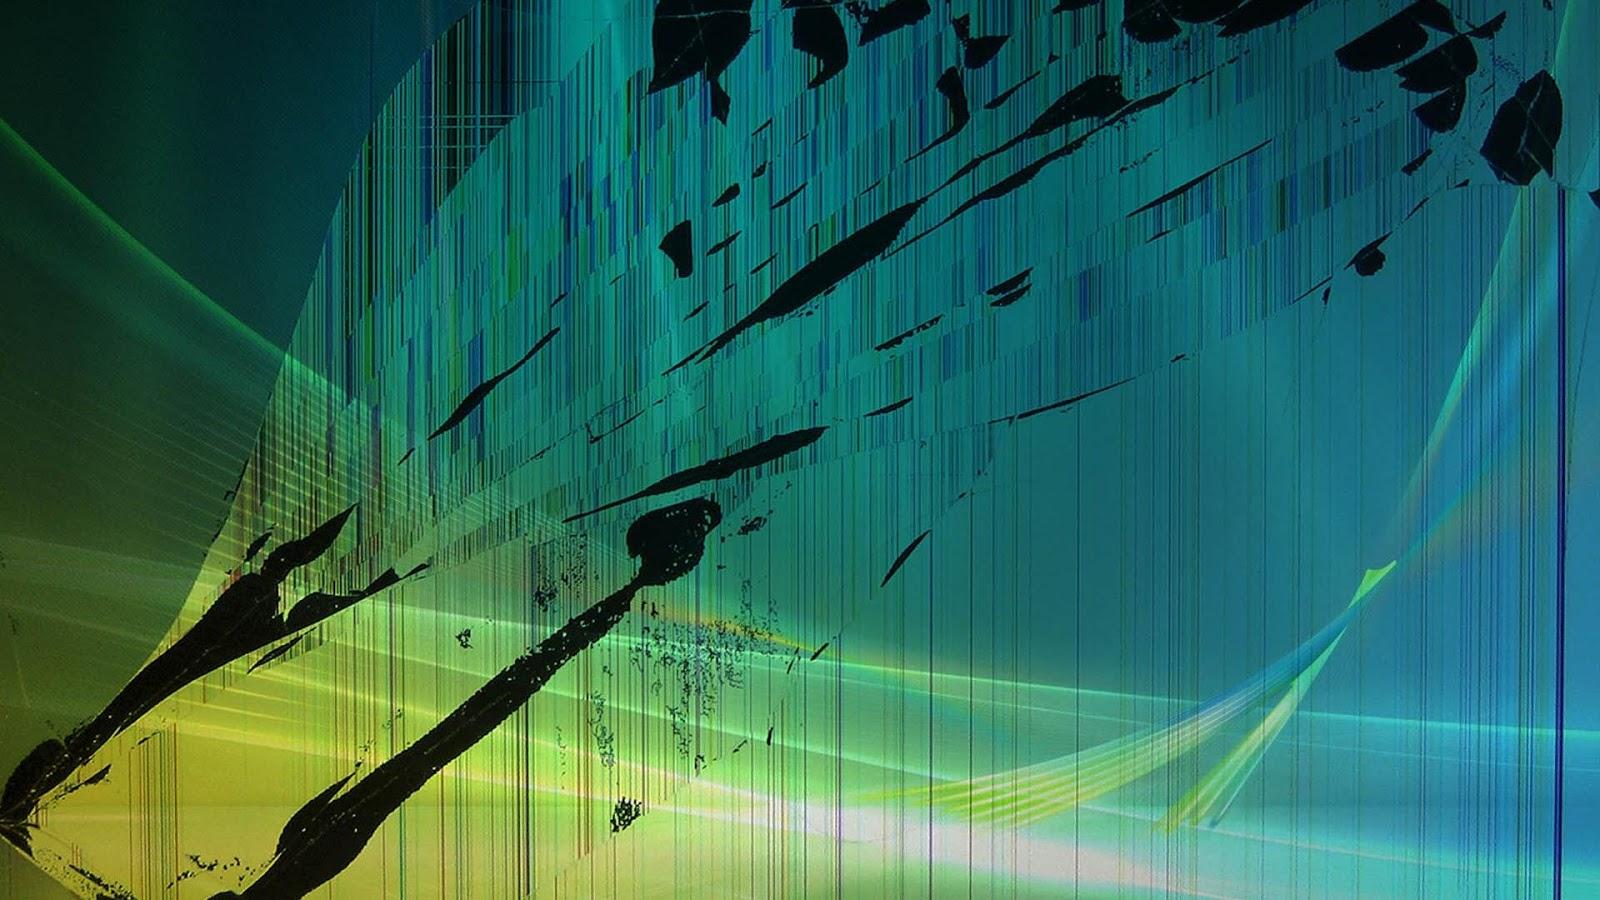 Wallpaper Layar Pecah Untuk Laptop Anda Obat Gaptek